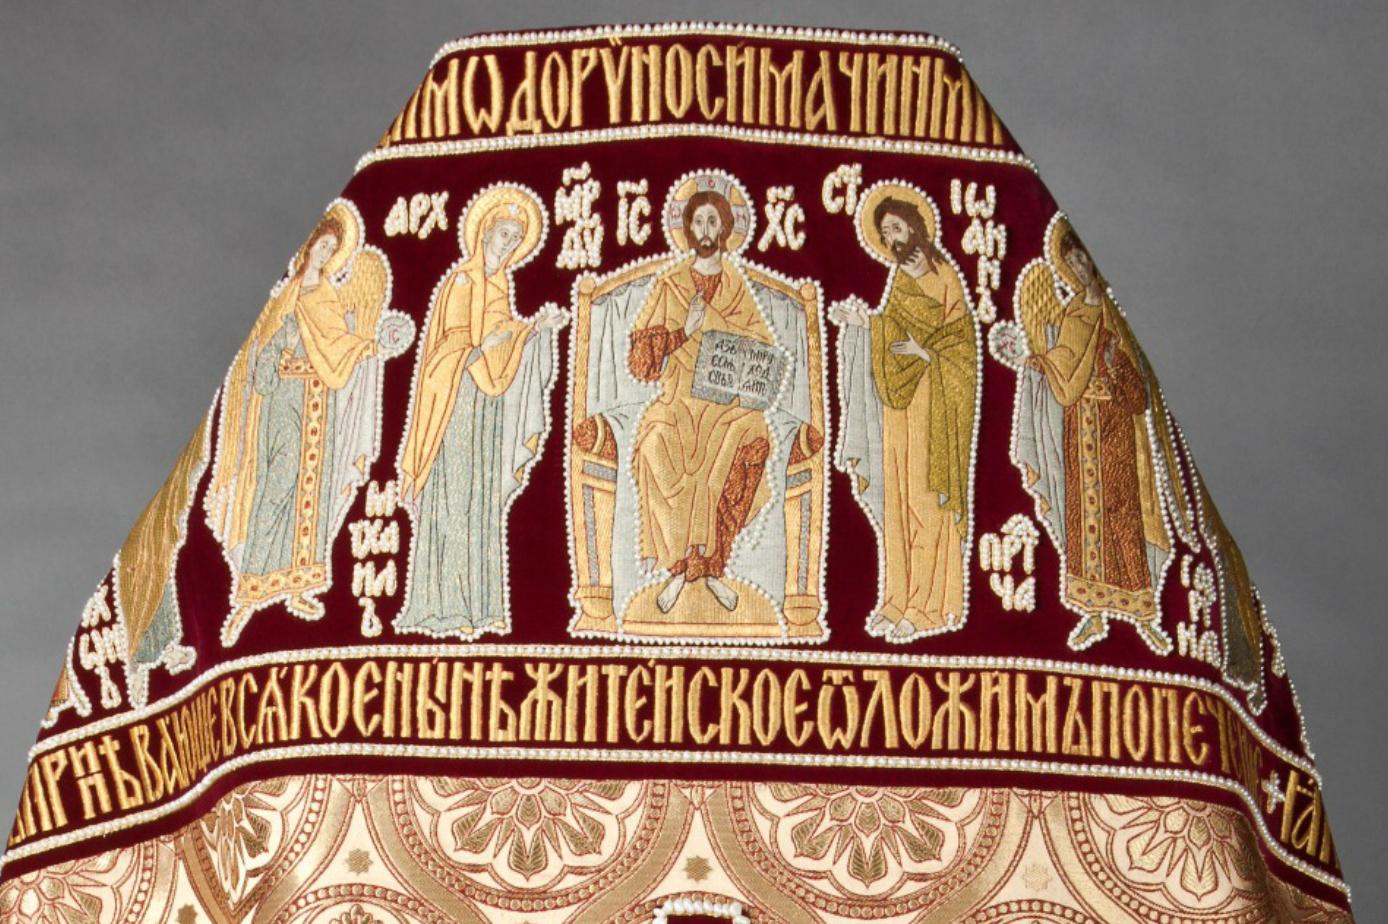 Какой Российский город с 13 века славится Золотой вышивкой 59